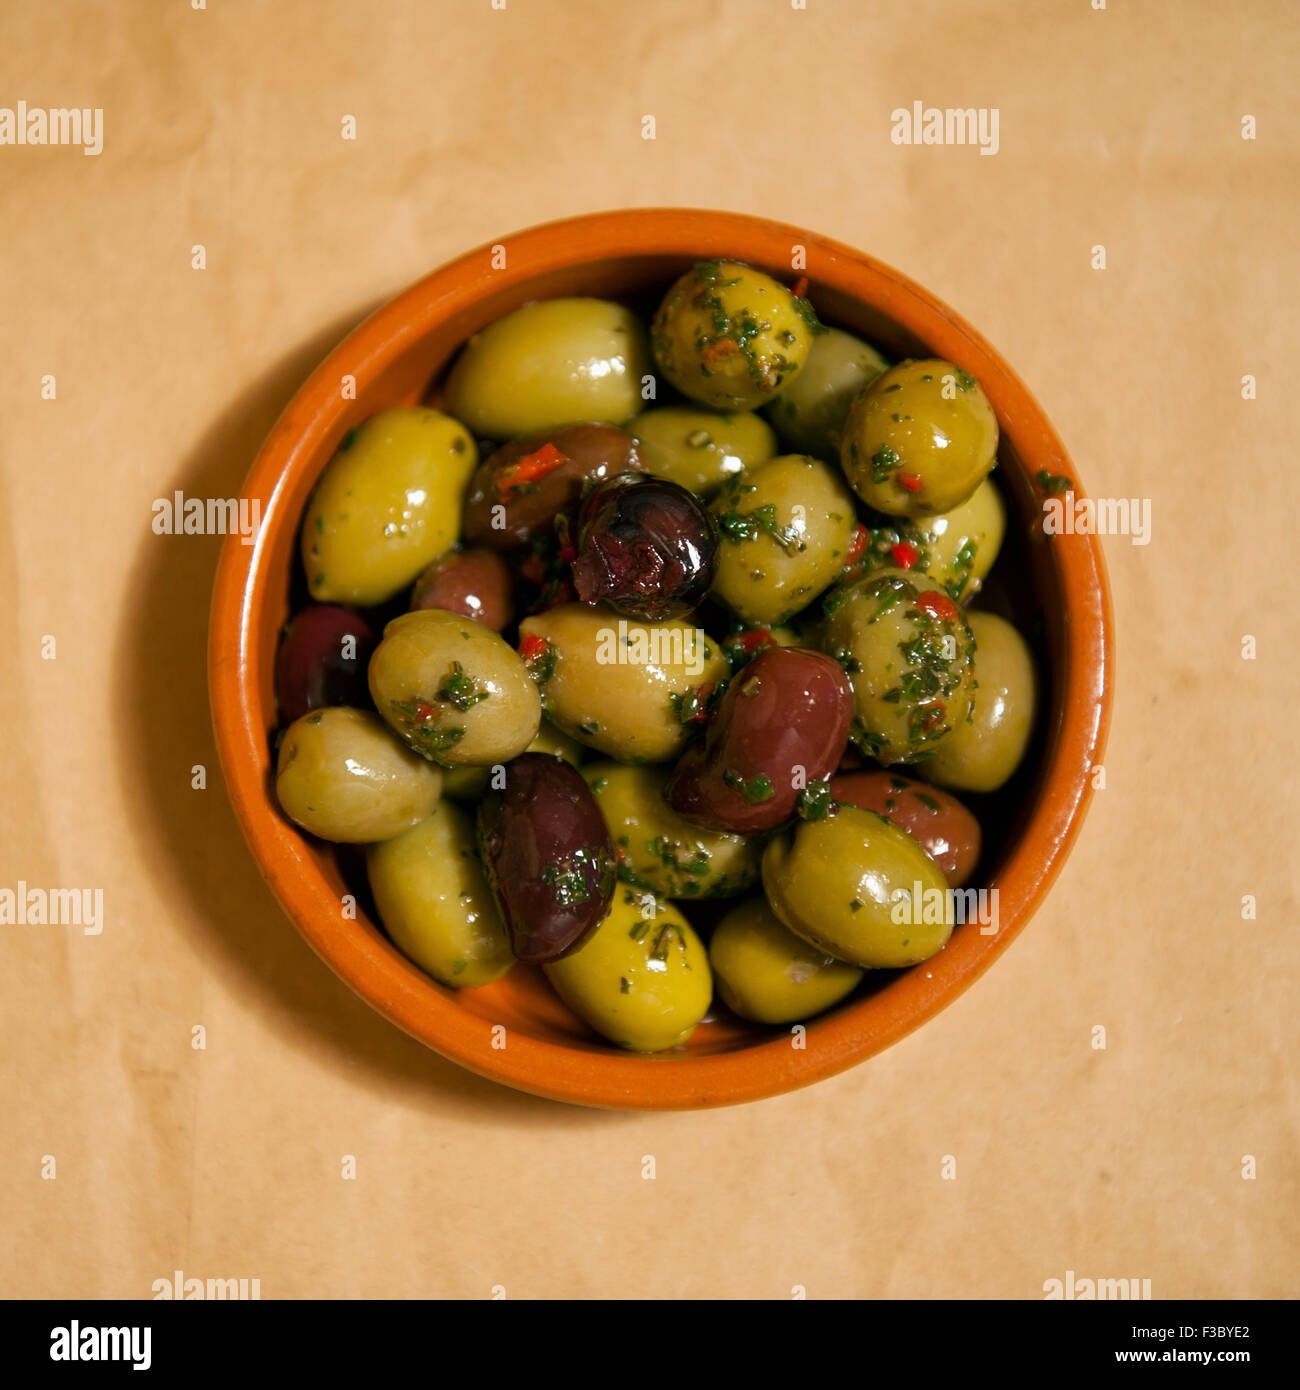 Vue de dessus d'un petit bol d'olives mixtes Photo Stock